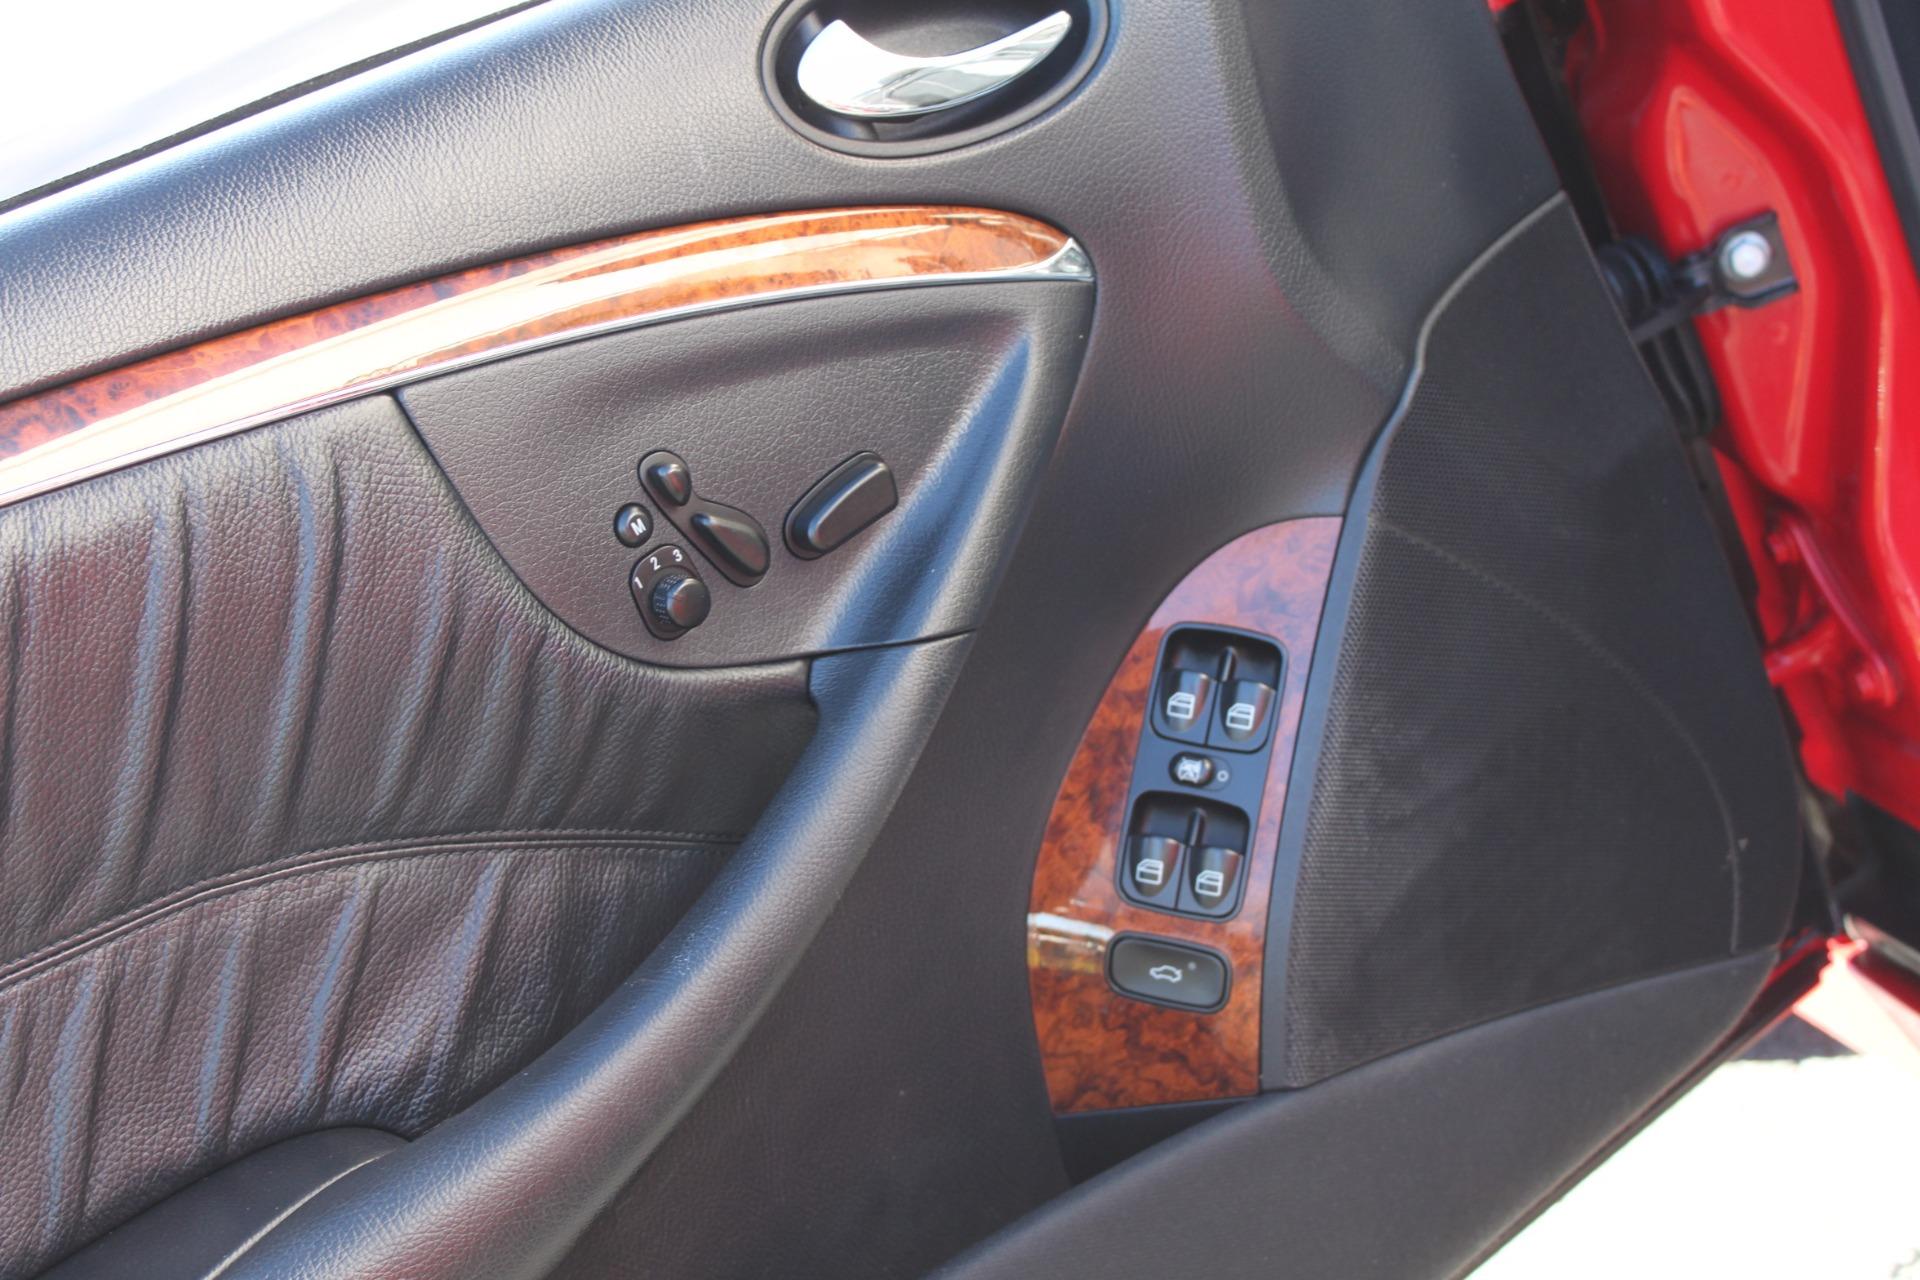 Used-2006-Mercedes-Benz-CLK-Class-CLK350-Cabriolet-35L-Jaguar